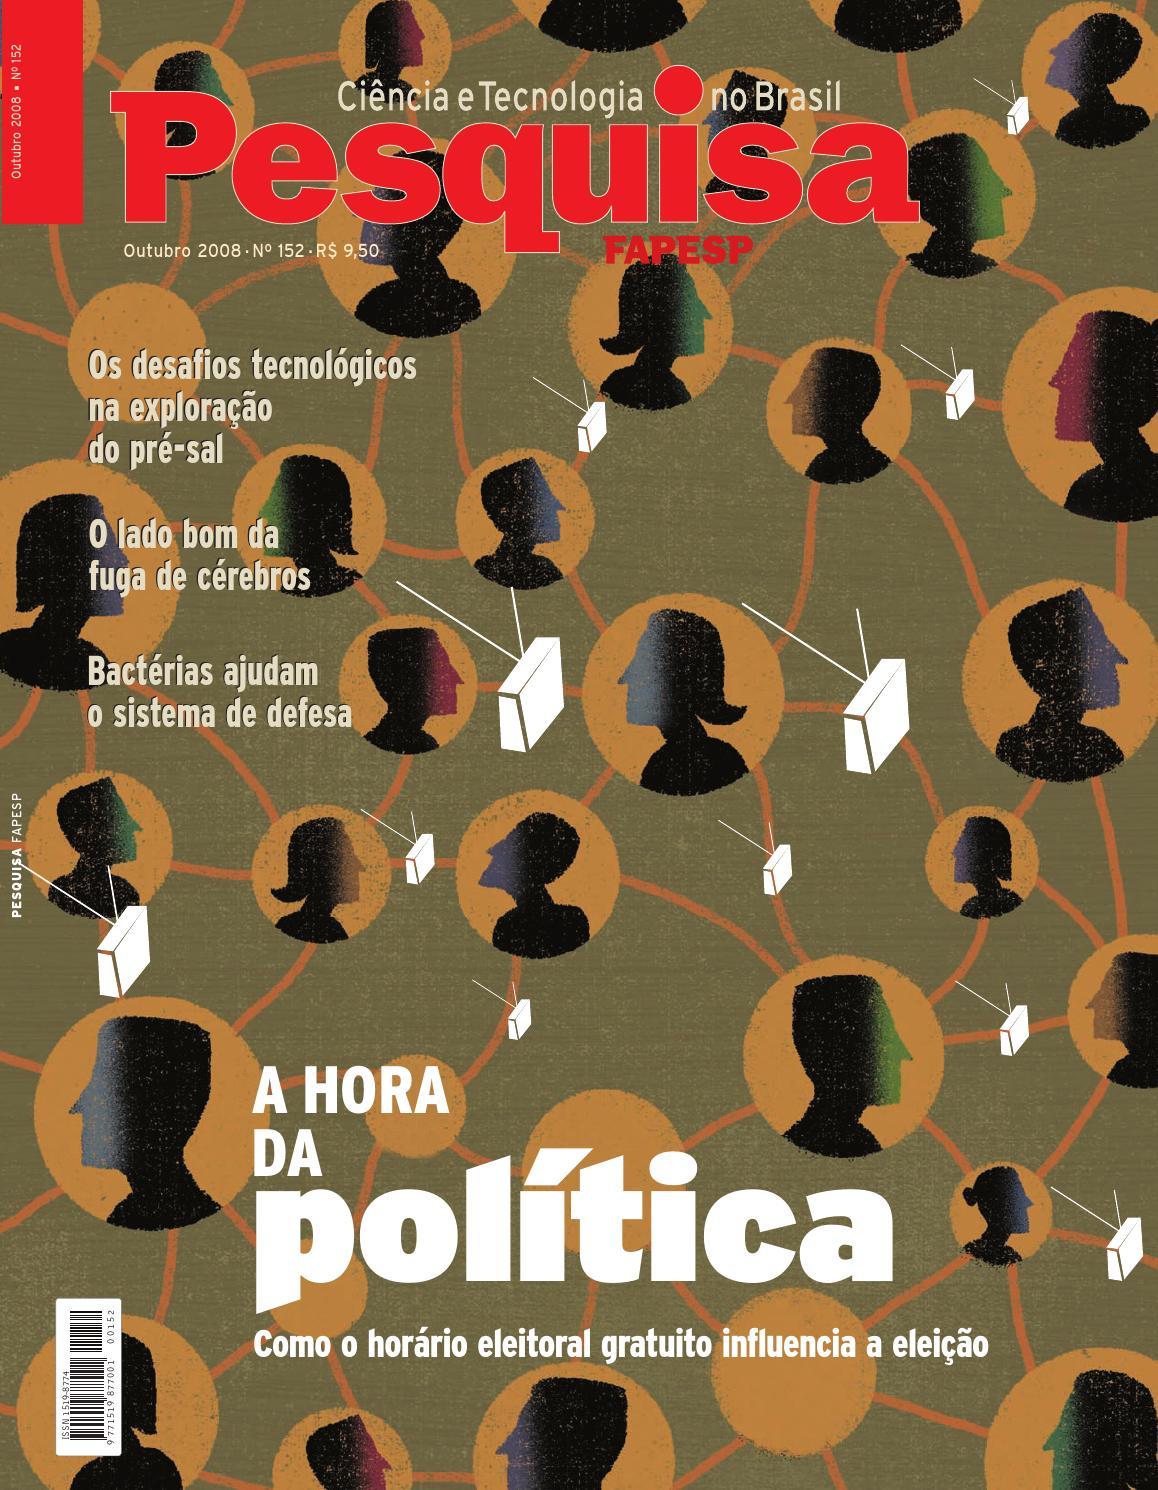 69cf6f766b5 A hora da política by Pesquisa Fapesp - issuu